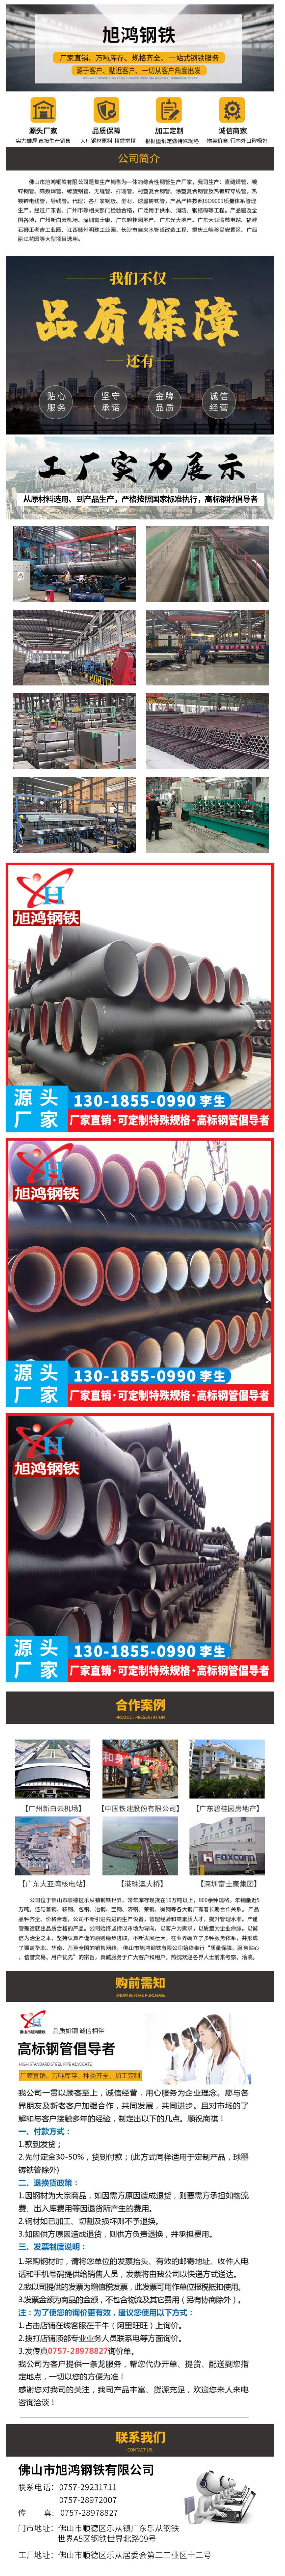 广东批发 新兴球墨铸铁管 K9 规格齐全 优质供应-阿里巴巴.png